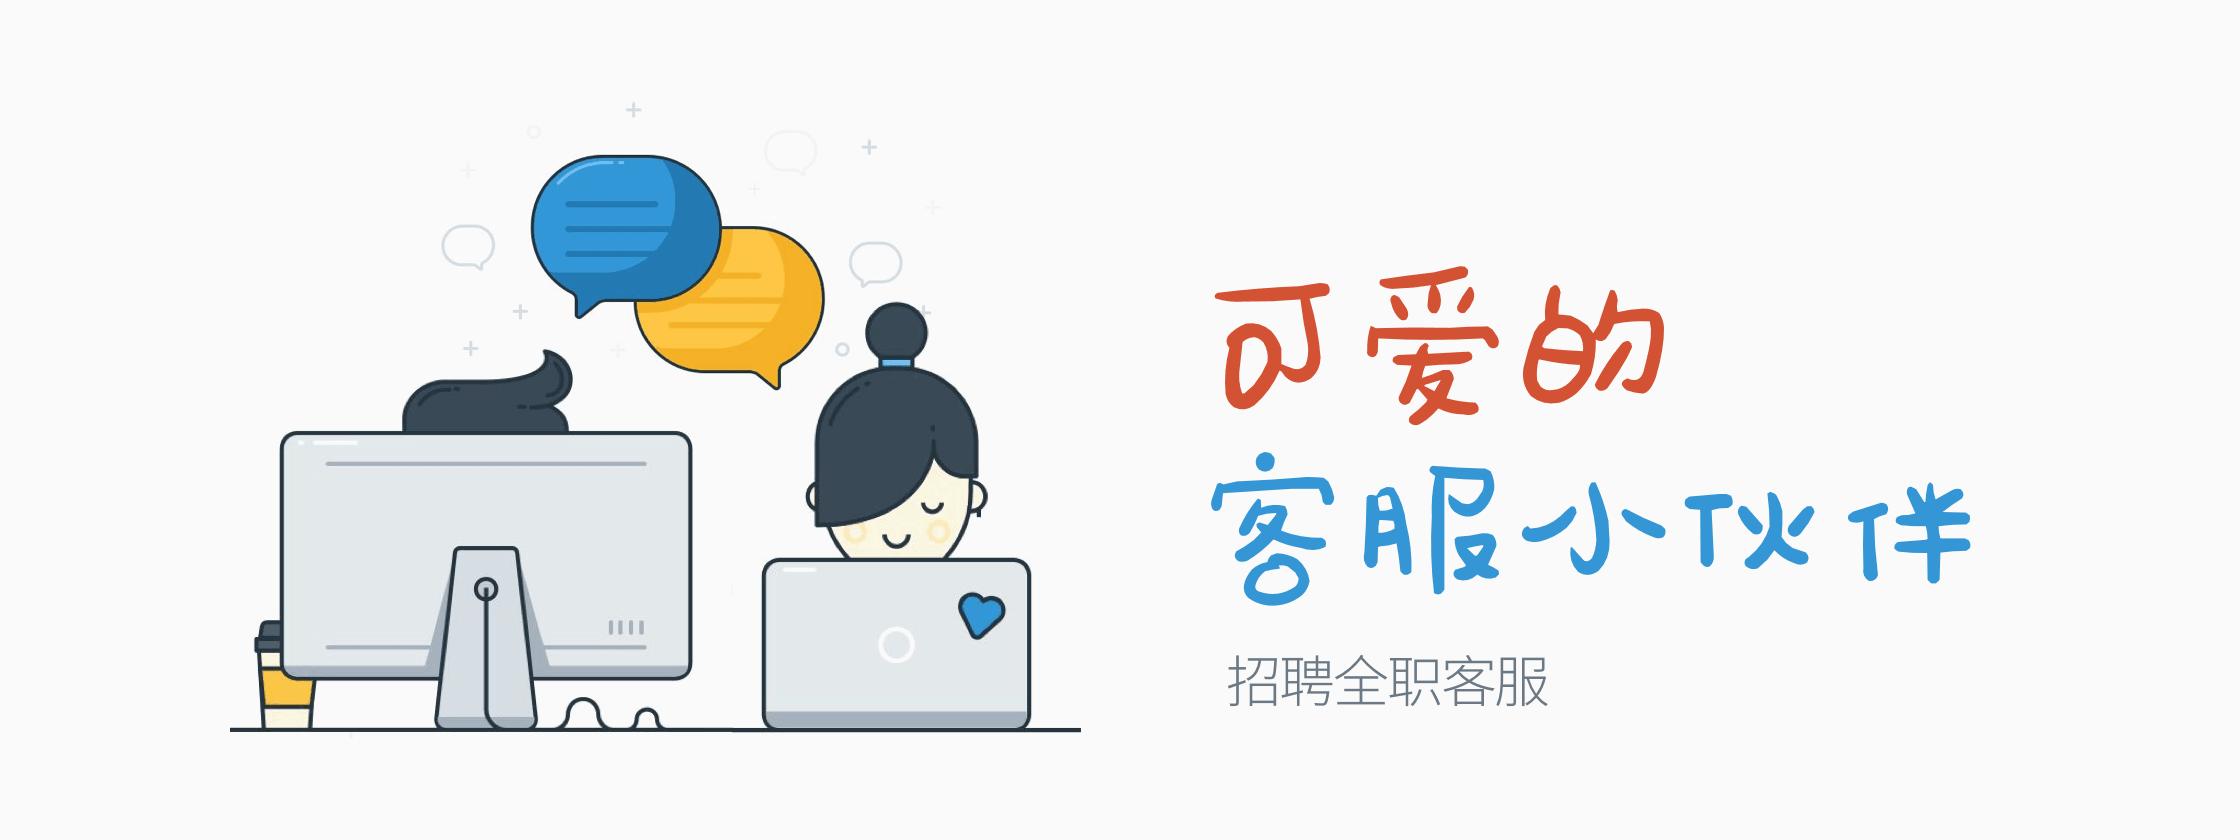 「数码荔枝」可爱的客服小伙伴 + 客服招聘